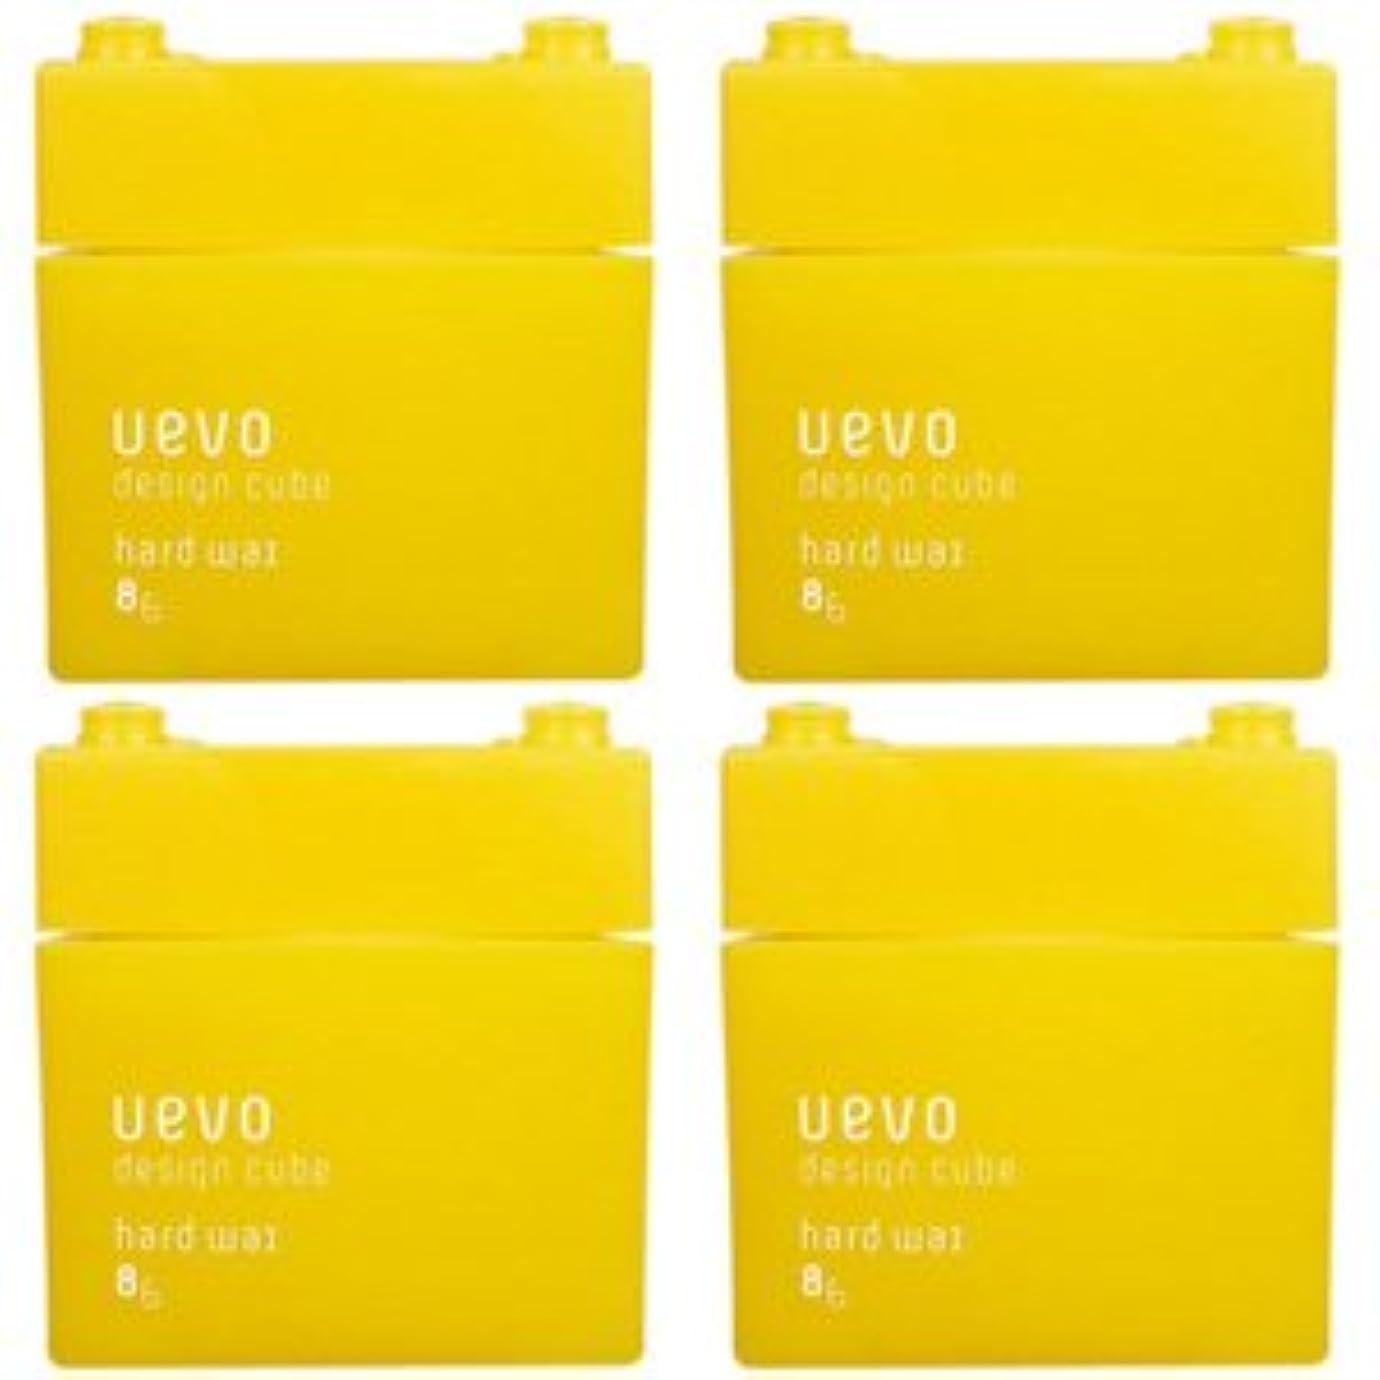 むき出しスチール割り当てます【X4個セット】 デミ ウェーボ デザインキューブ ハードワックス 80g hard wax DEMI uevo design cube